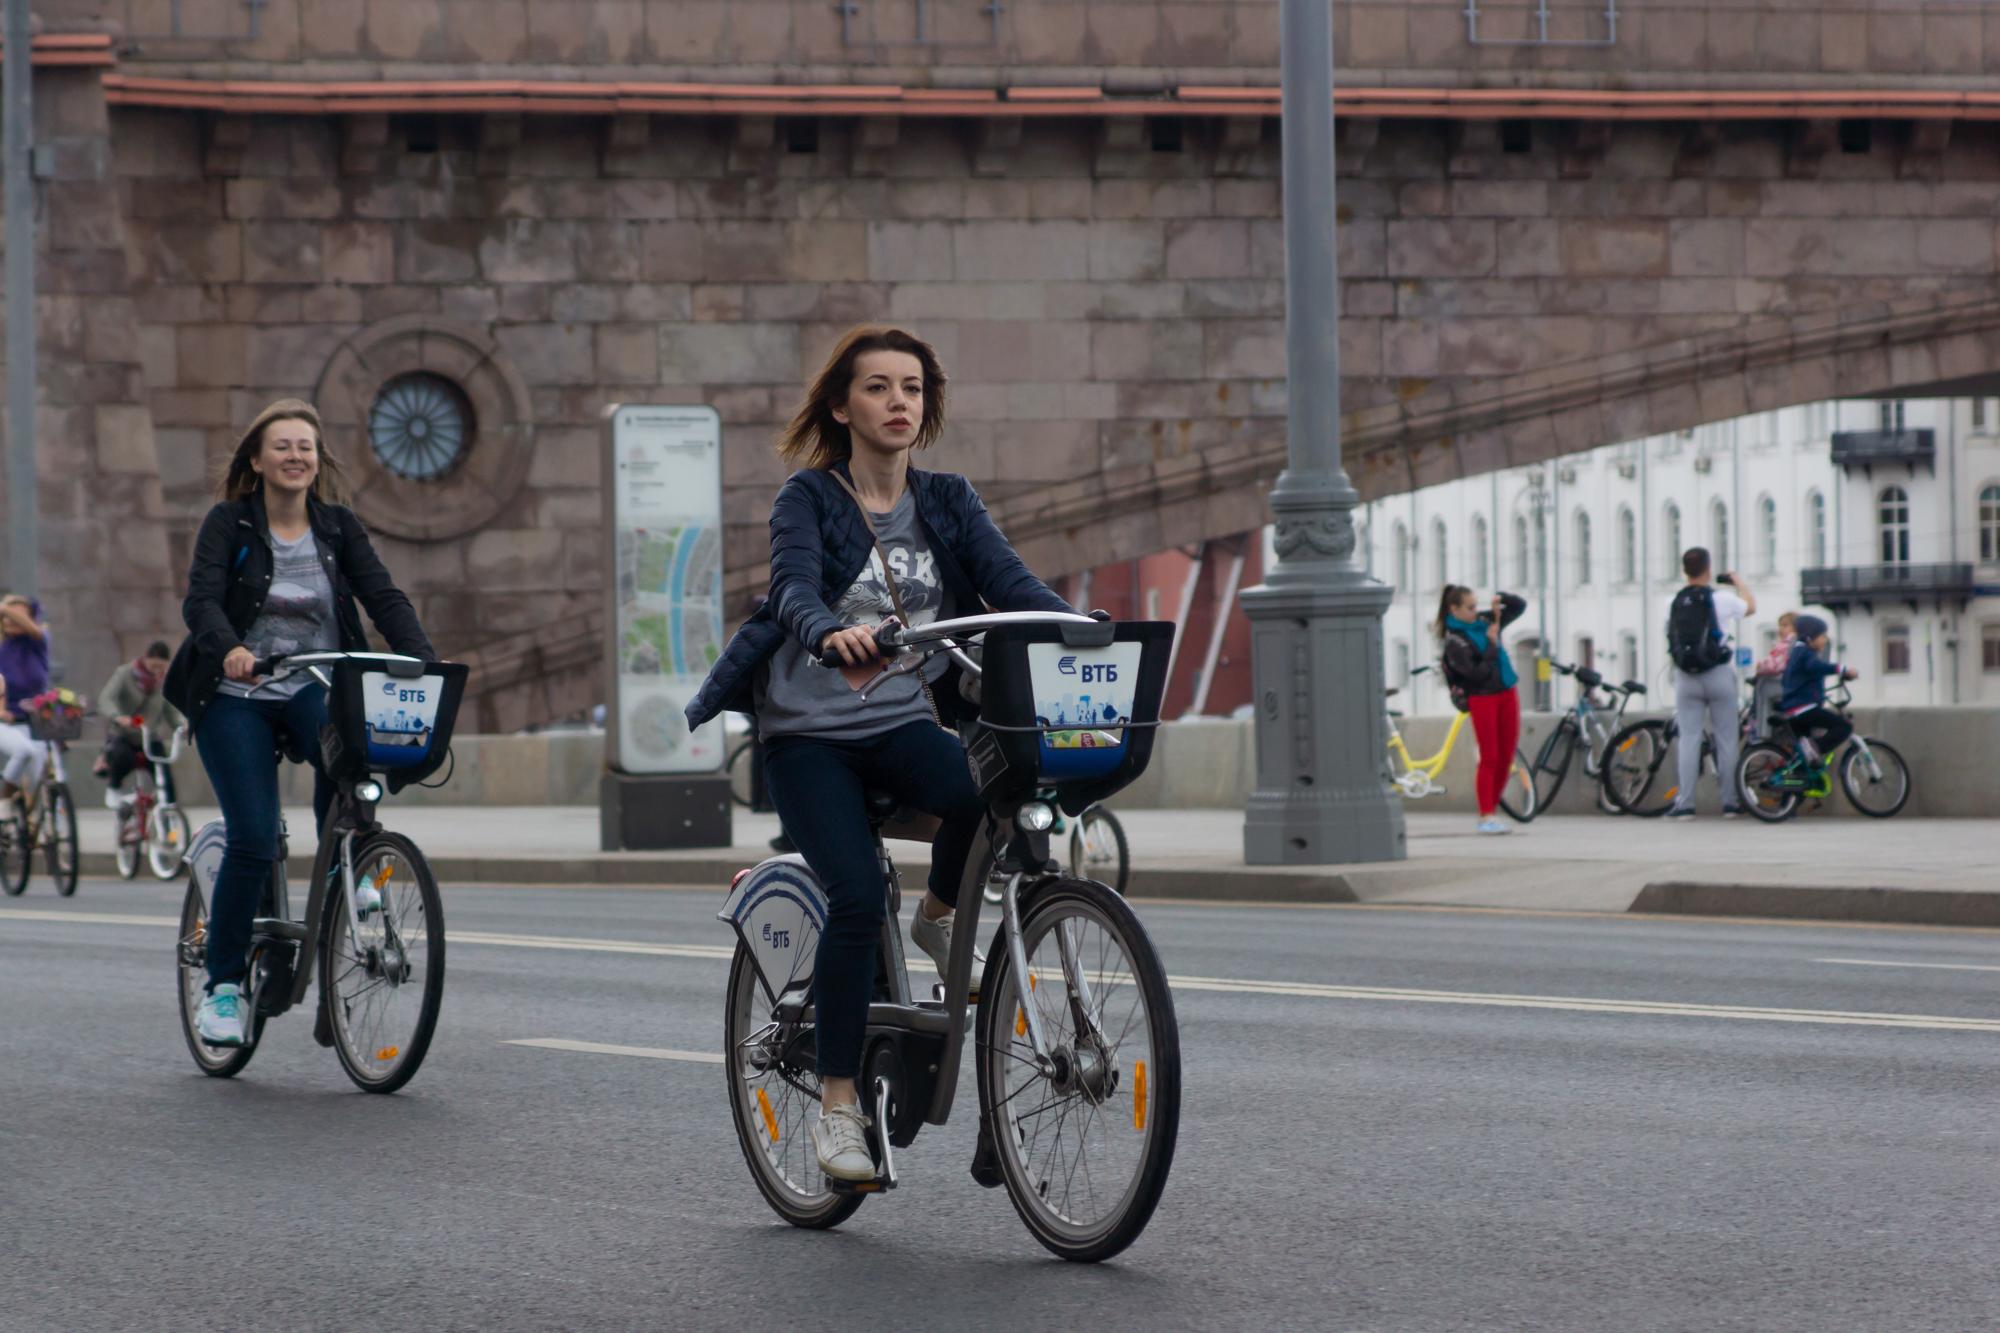 Не обязательно иметь собственный велосипед,чтобы участвовать в велопробеге. Можно воспользоваться арендованным.